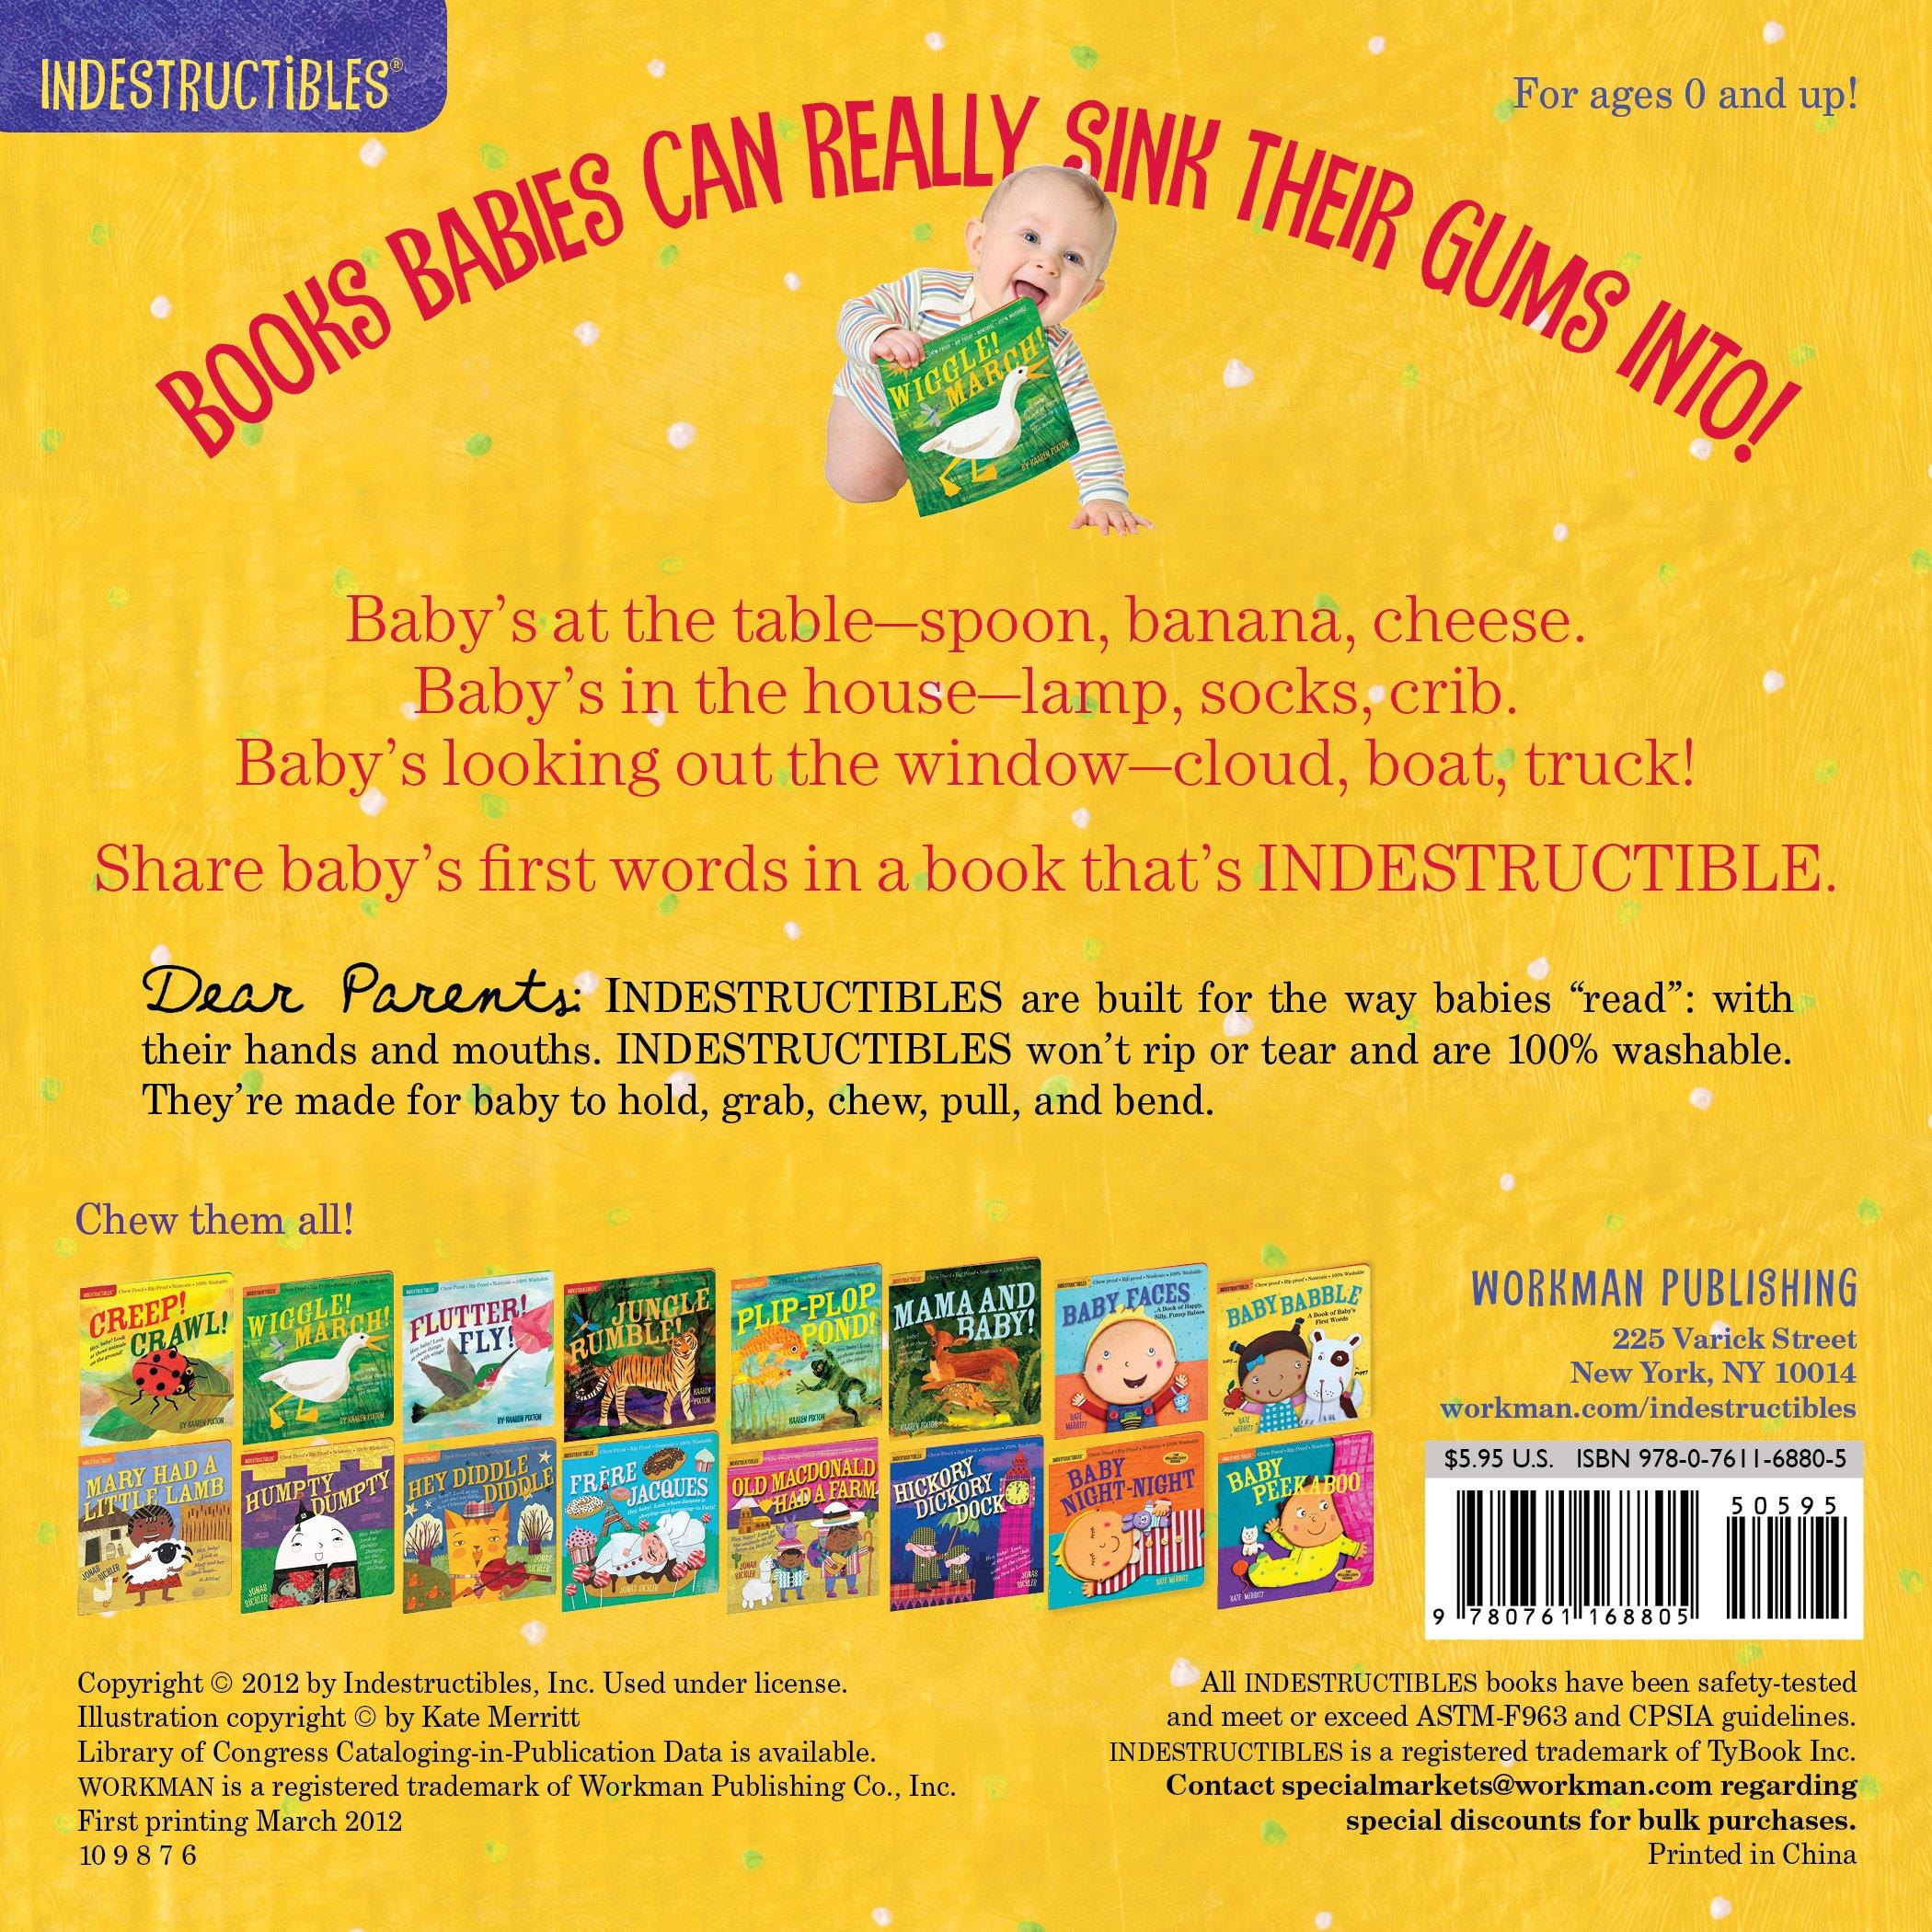 Amazon: Indestructibles: Baby Babble (9780761168805): Amy Pixton, Kate  Merritt: Books